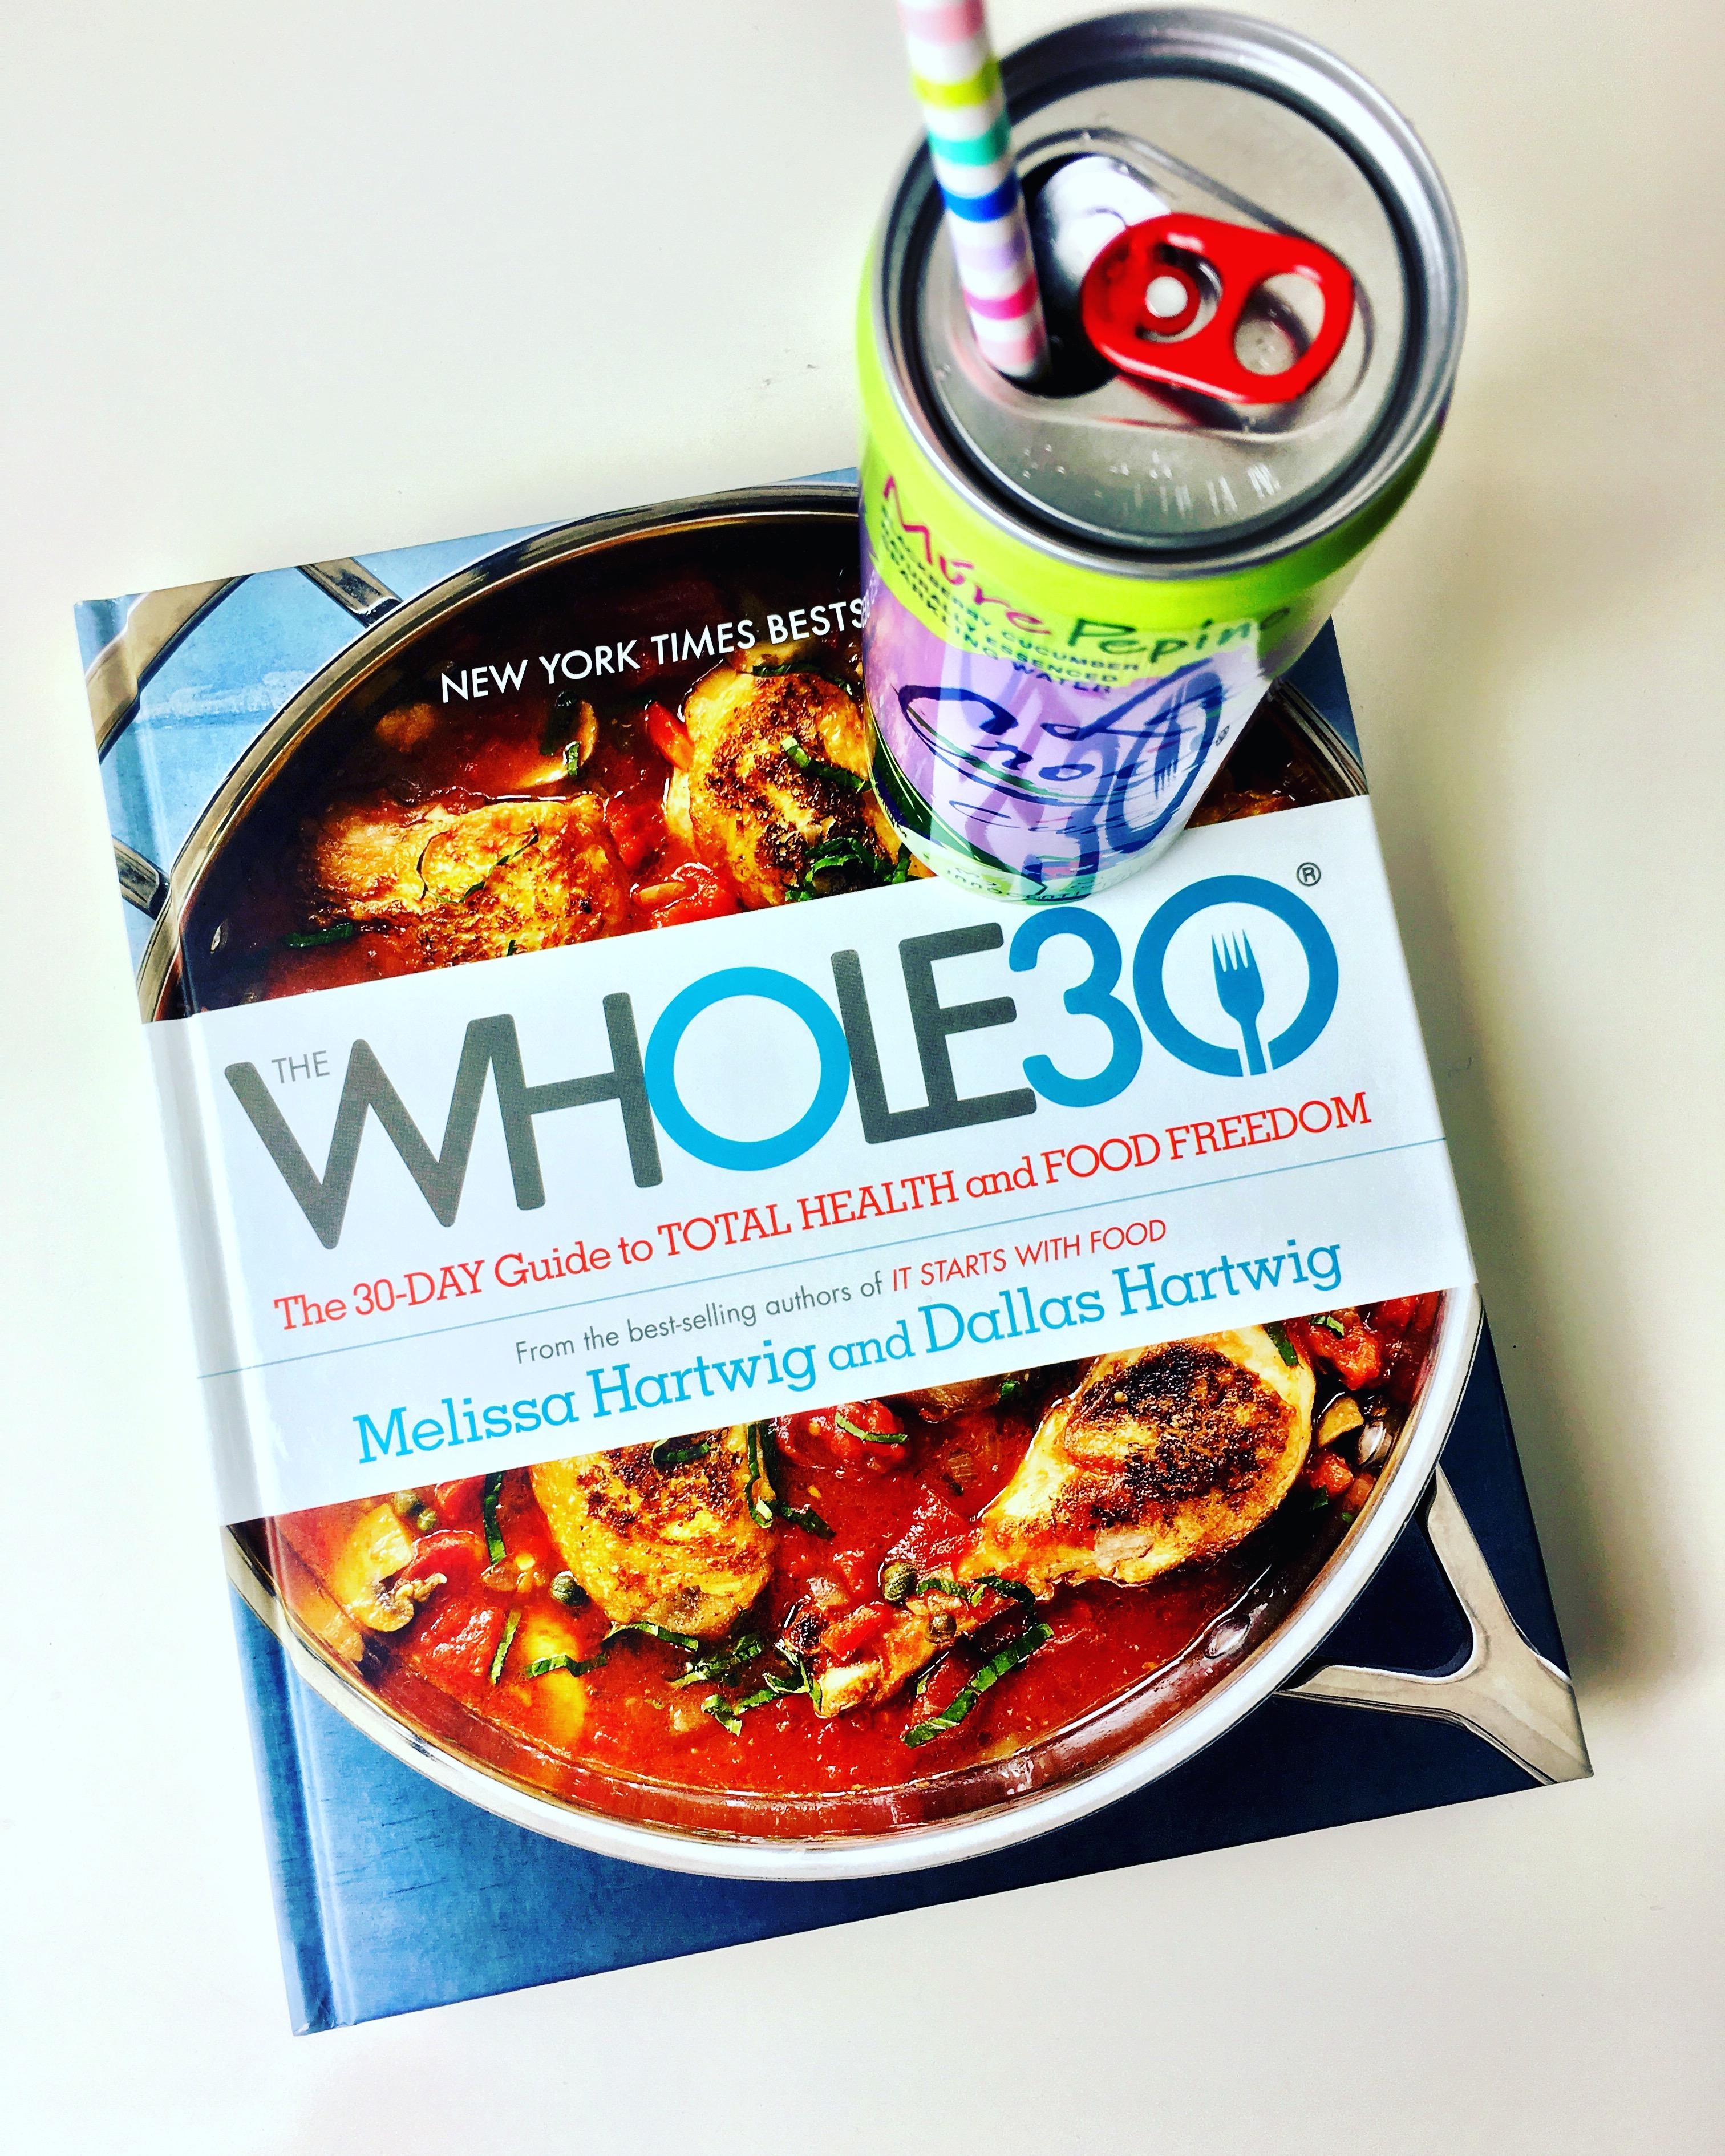 Whole30 - #Whole30